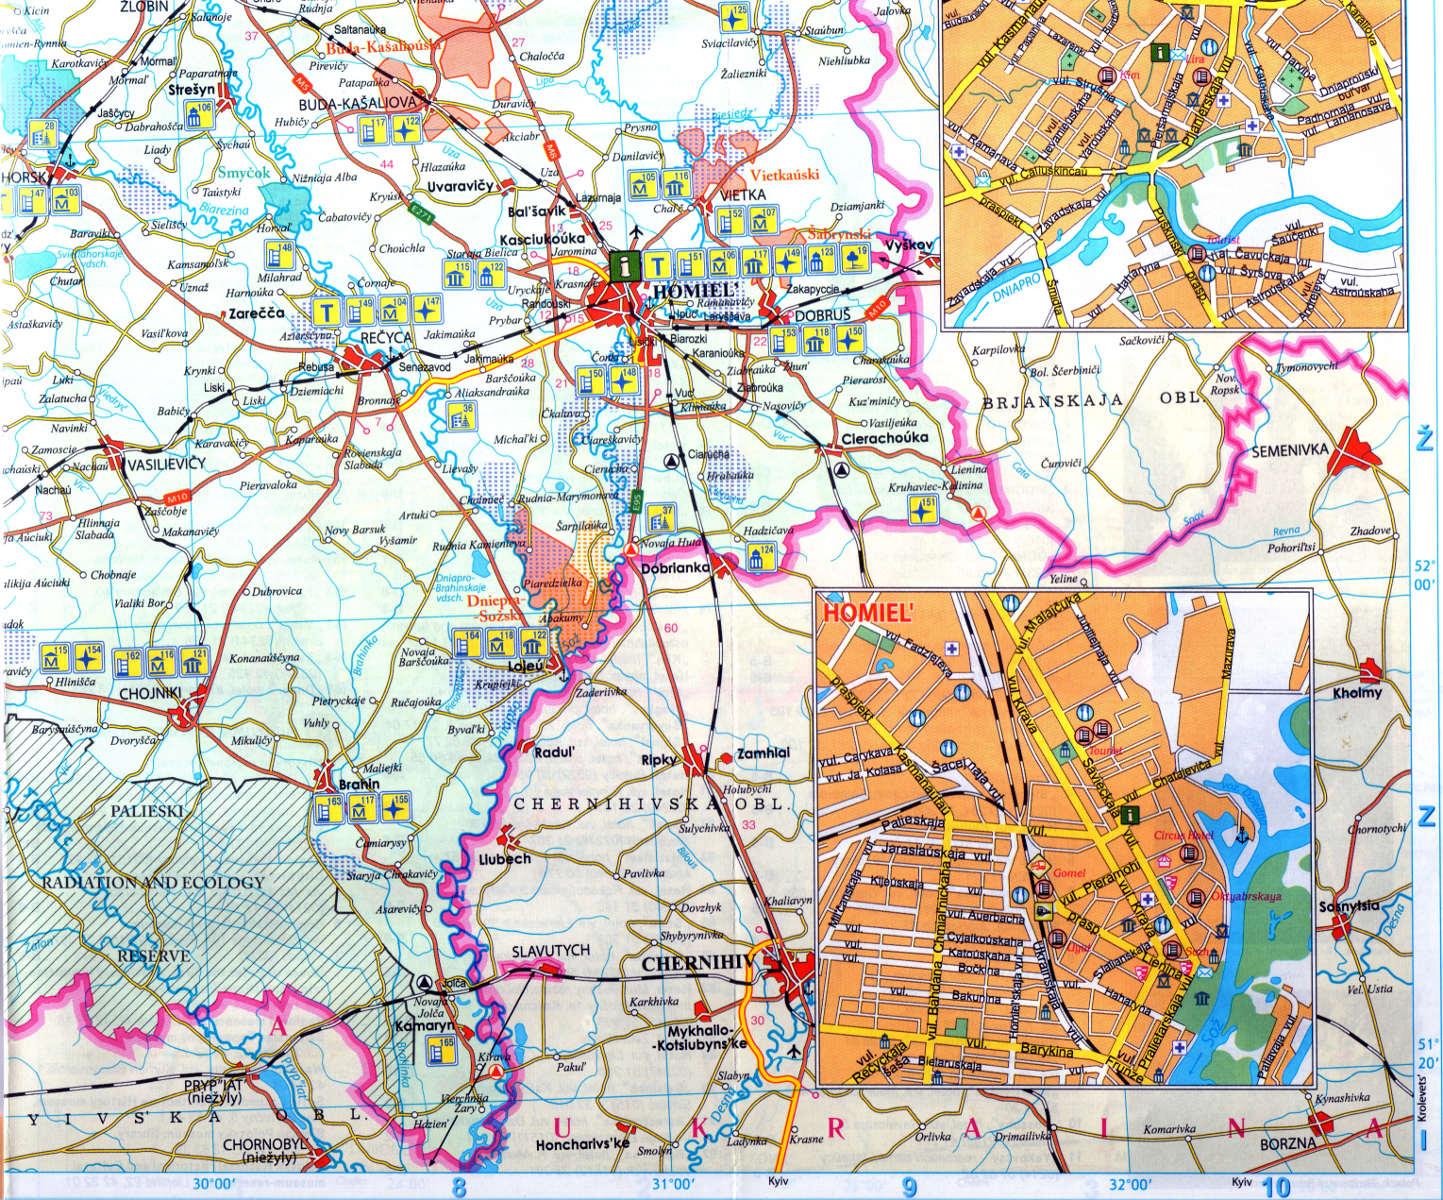 Belarus On Map GOMEL CHERNOBYL Bryanskaya Oblast Of Rassia - Belarus map